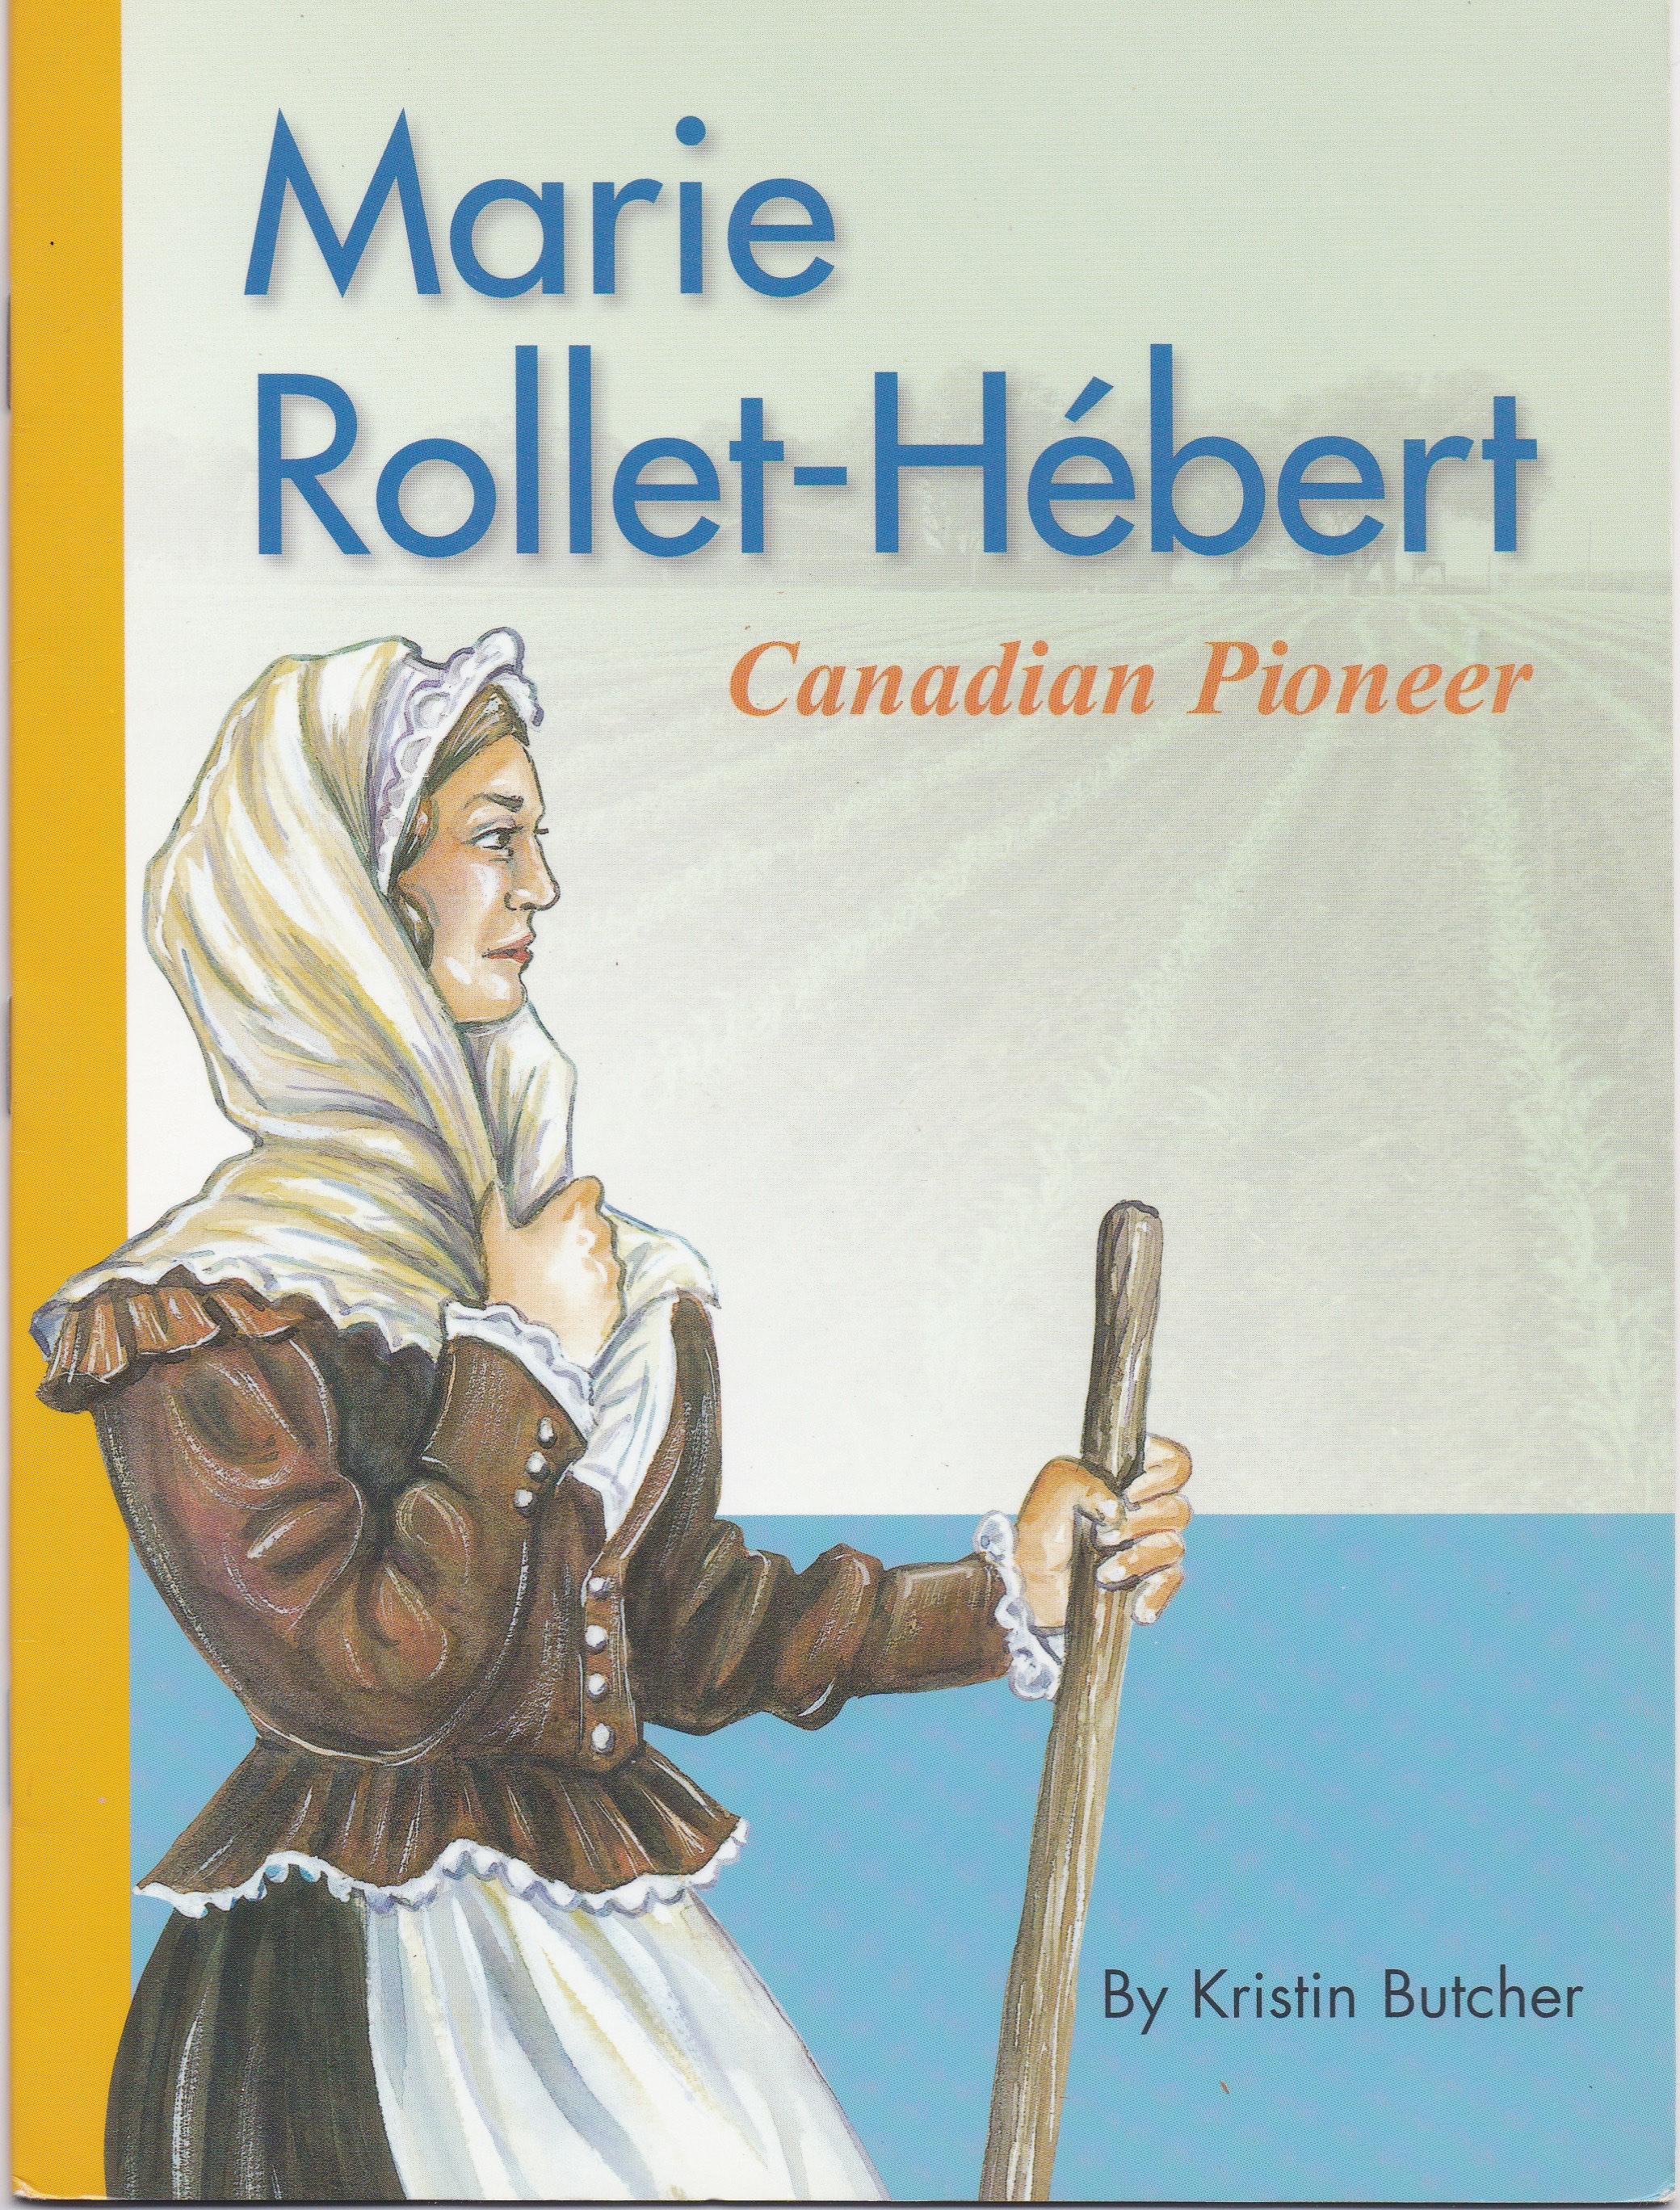 Marie Rollet-Hebert -- Canadian Pioneer